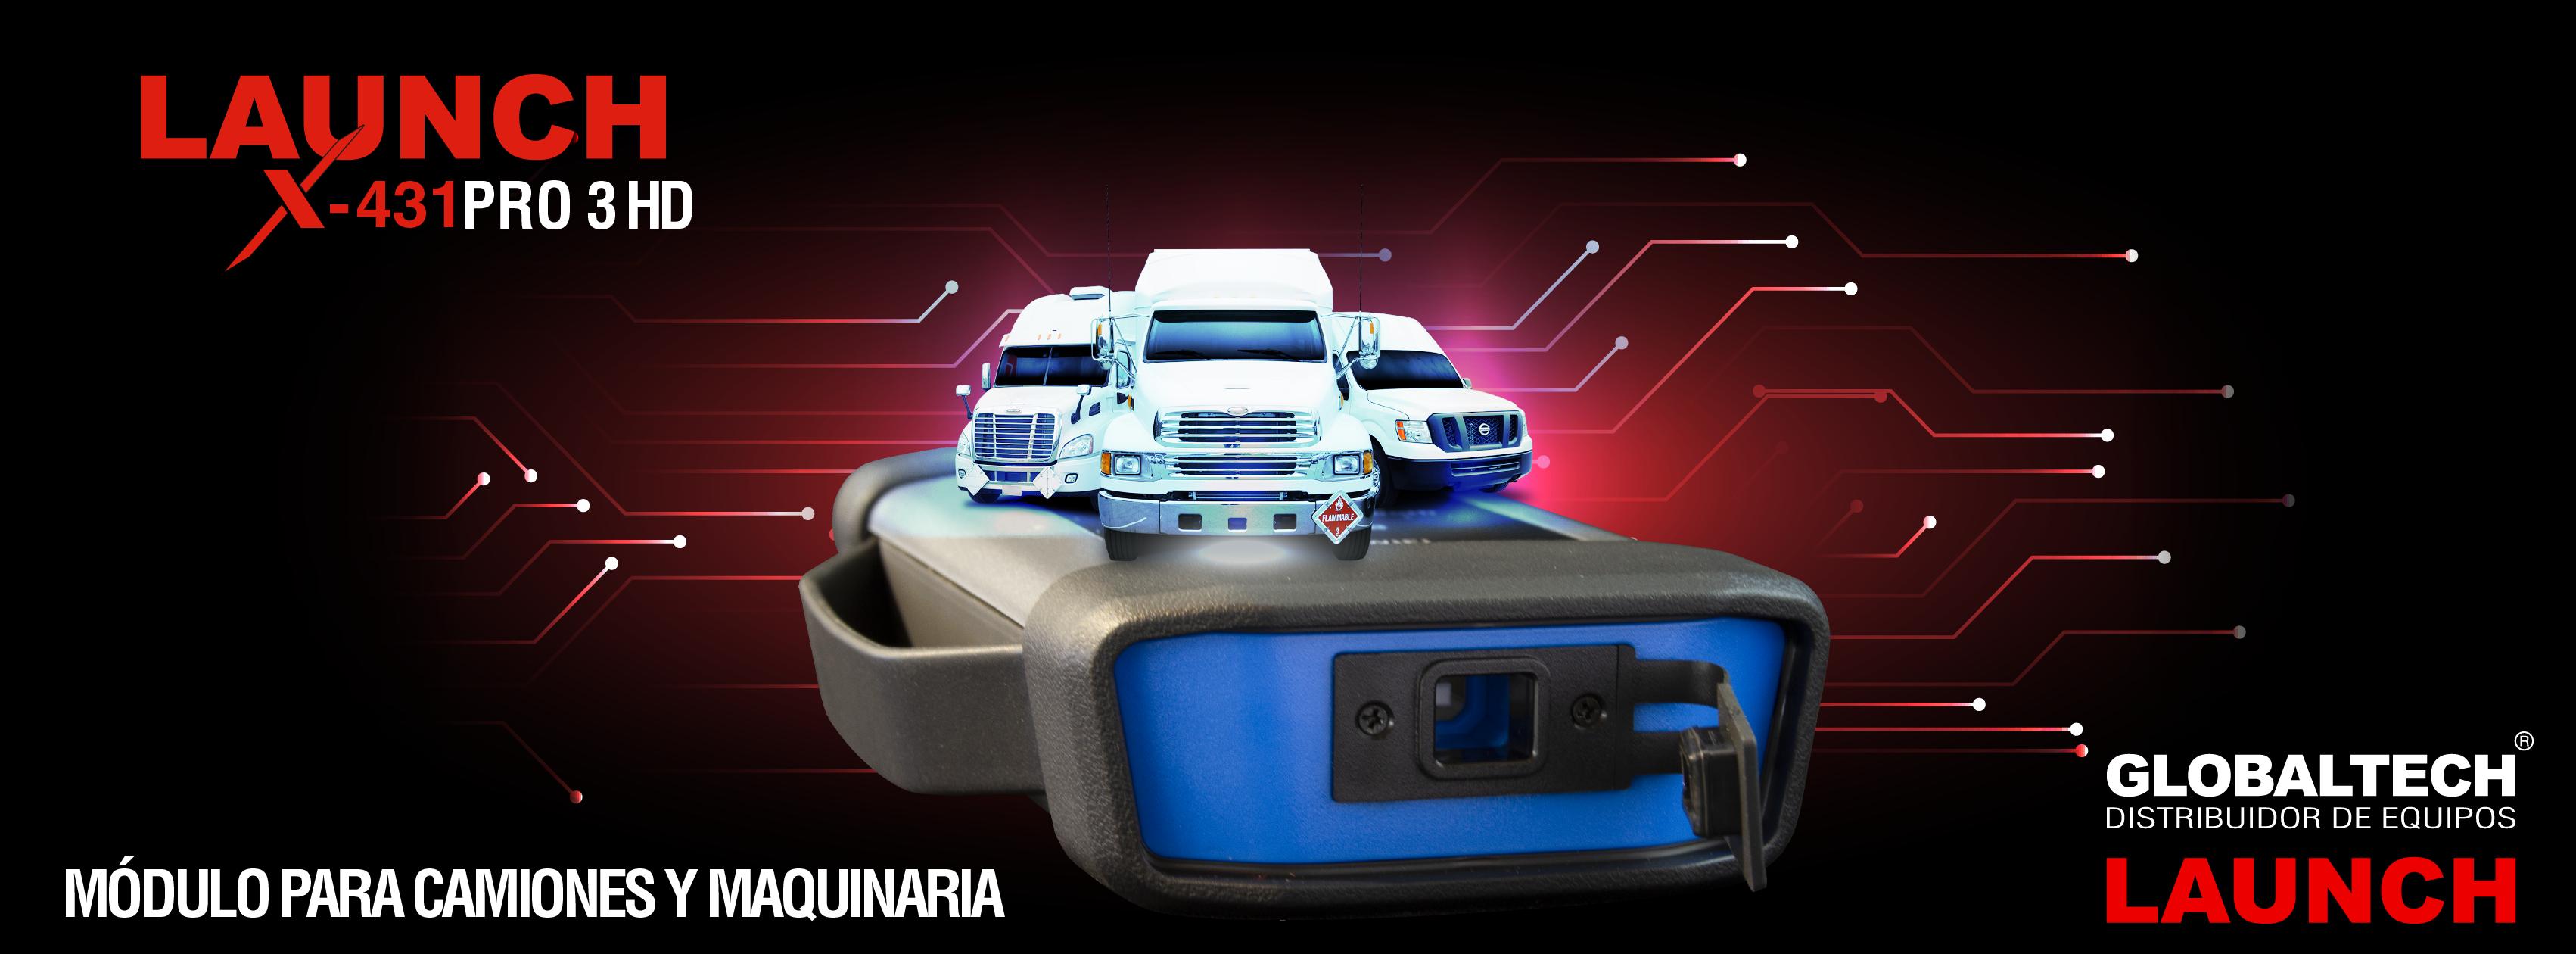 Escáner Profesional LAUNCH X431 PRO 3 HD con Módulo para Camiones